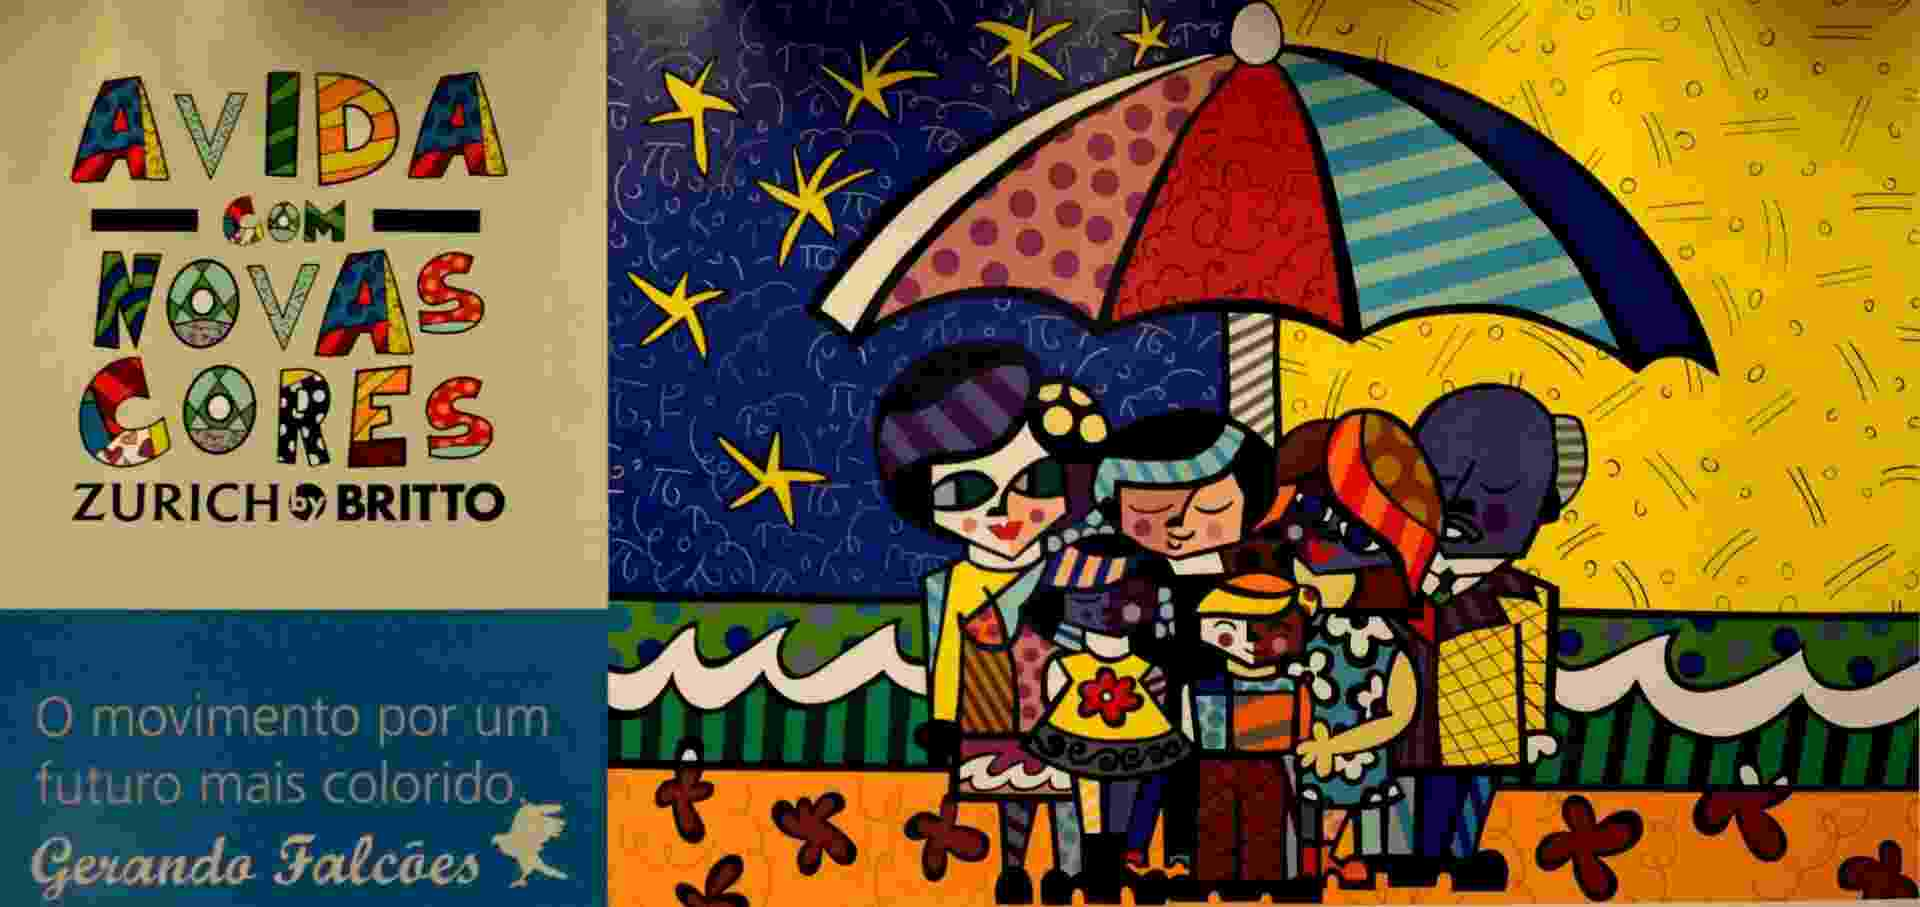 """25.out.2015 - Neste domingo (25), a comunidade Kemel, localizada em Poá, no extremo leste da Grande São Paulo, ficou mais colorida ao receber o maior painel do mundo (50 m2) do artista Romero Britto. A comunidade é atendida pela ONG Gerando Falcões, escolhida pela seguradora Zurich para ser beneficada pela ação """"A Vida com Novas Cores"""" - Divulgação"""